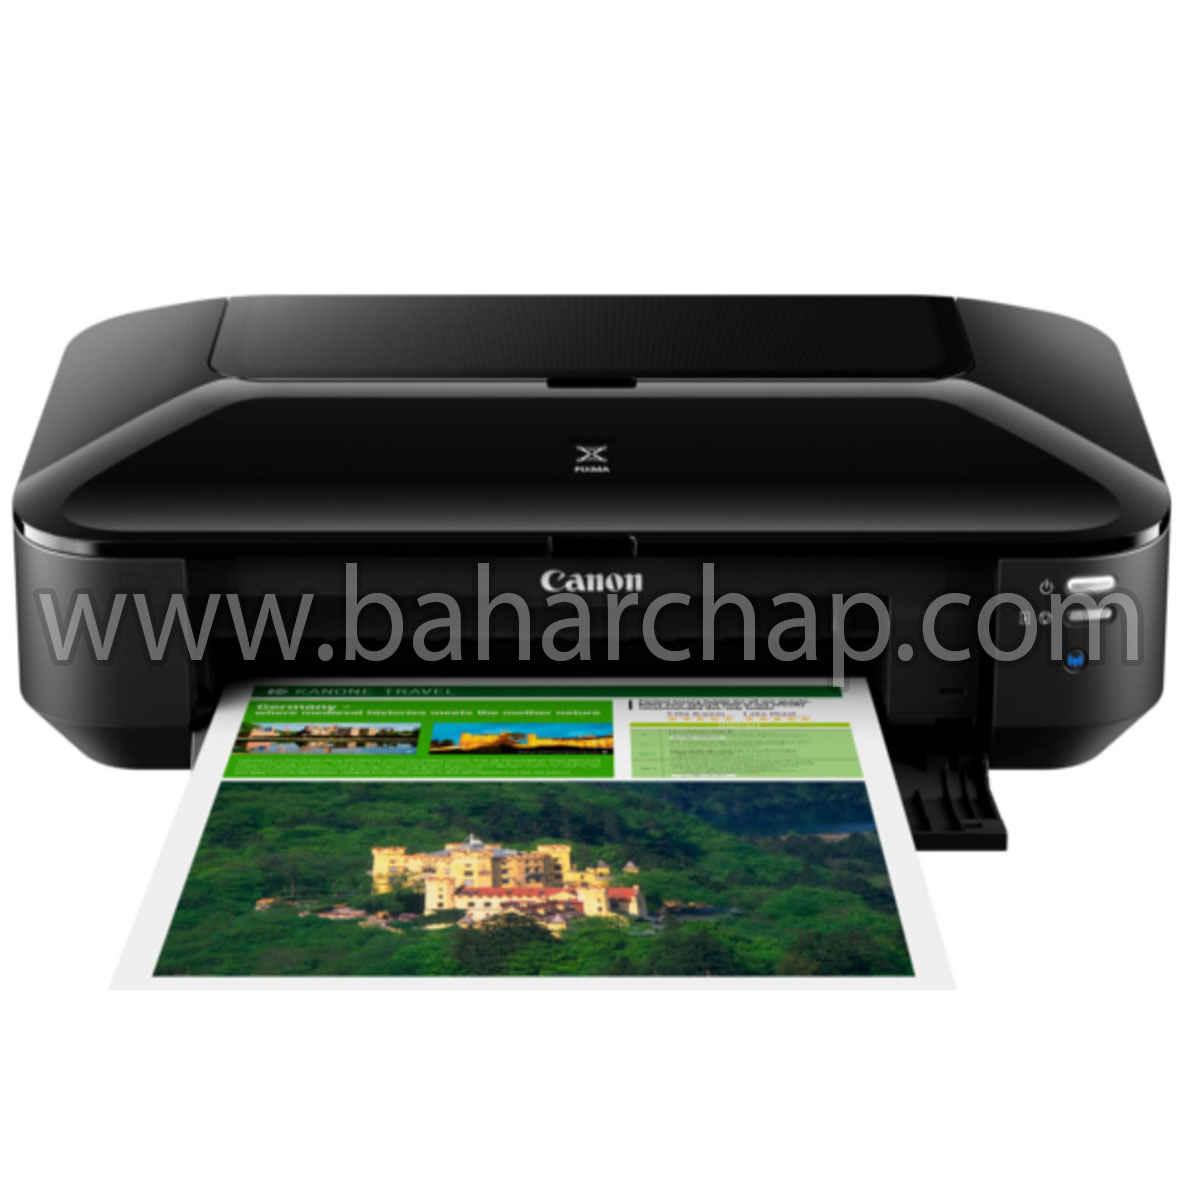 فروشگاه و خدمات اینترنتی بهارچاپ اصفهان-دانلود نرم افزار ریست پرینتر Canon IX6870-Reset canon by ST4905